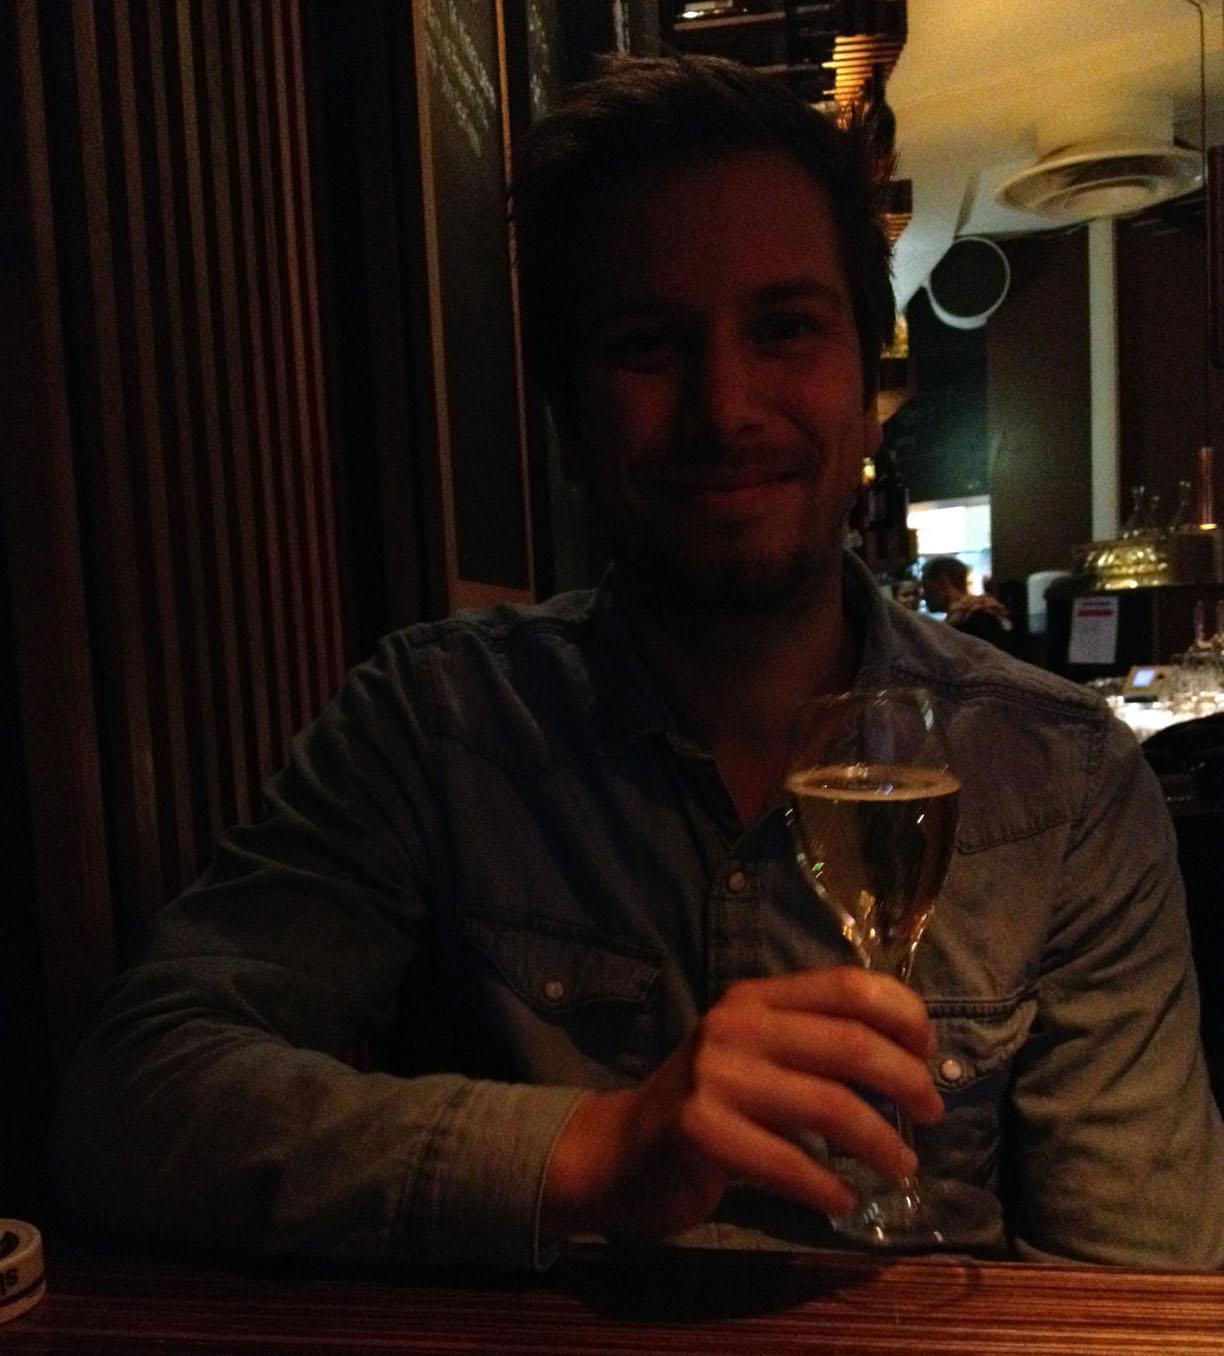 Födelsedagsbarnet med champagne :)